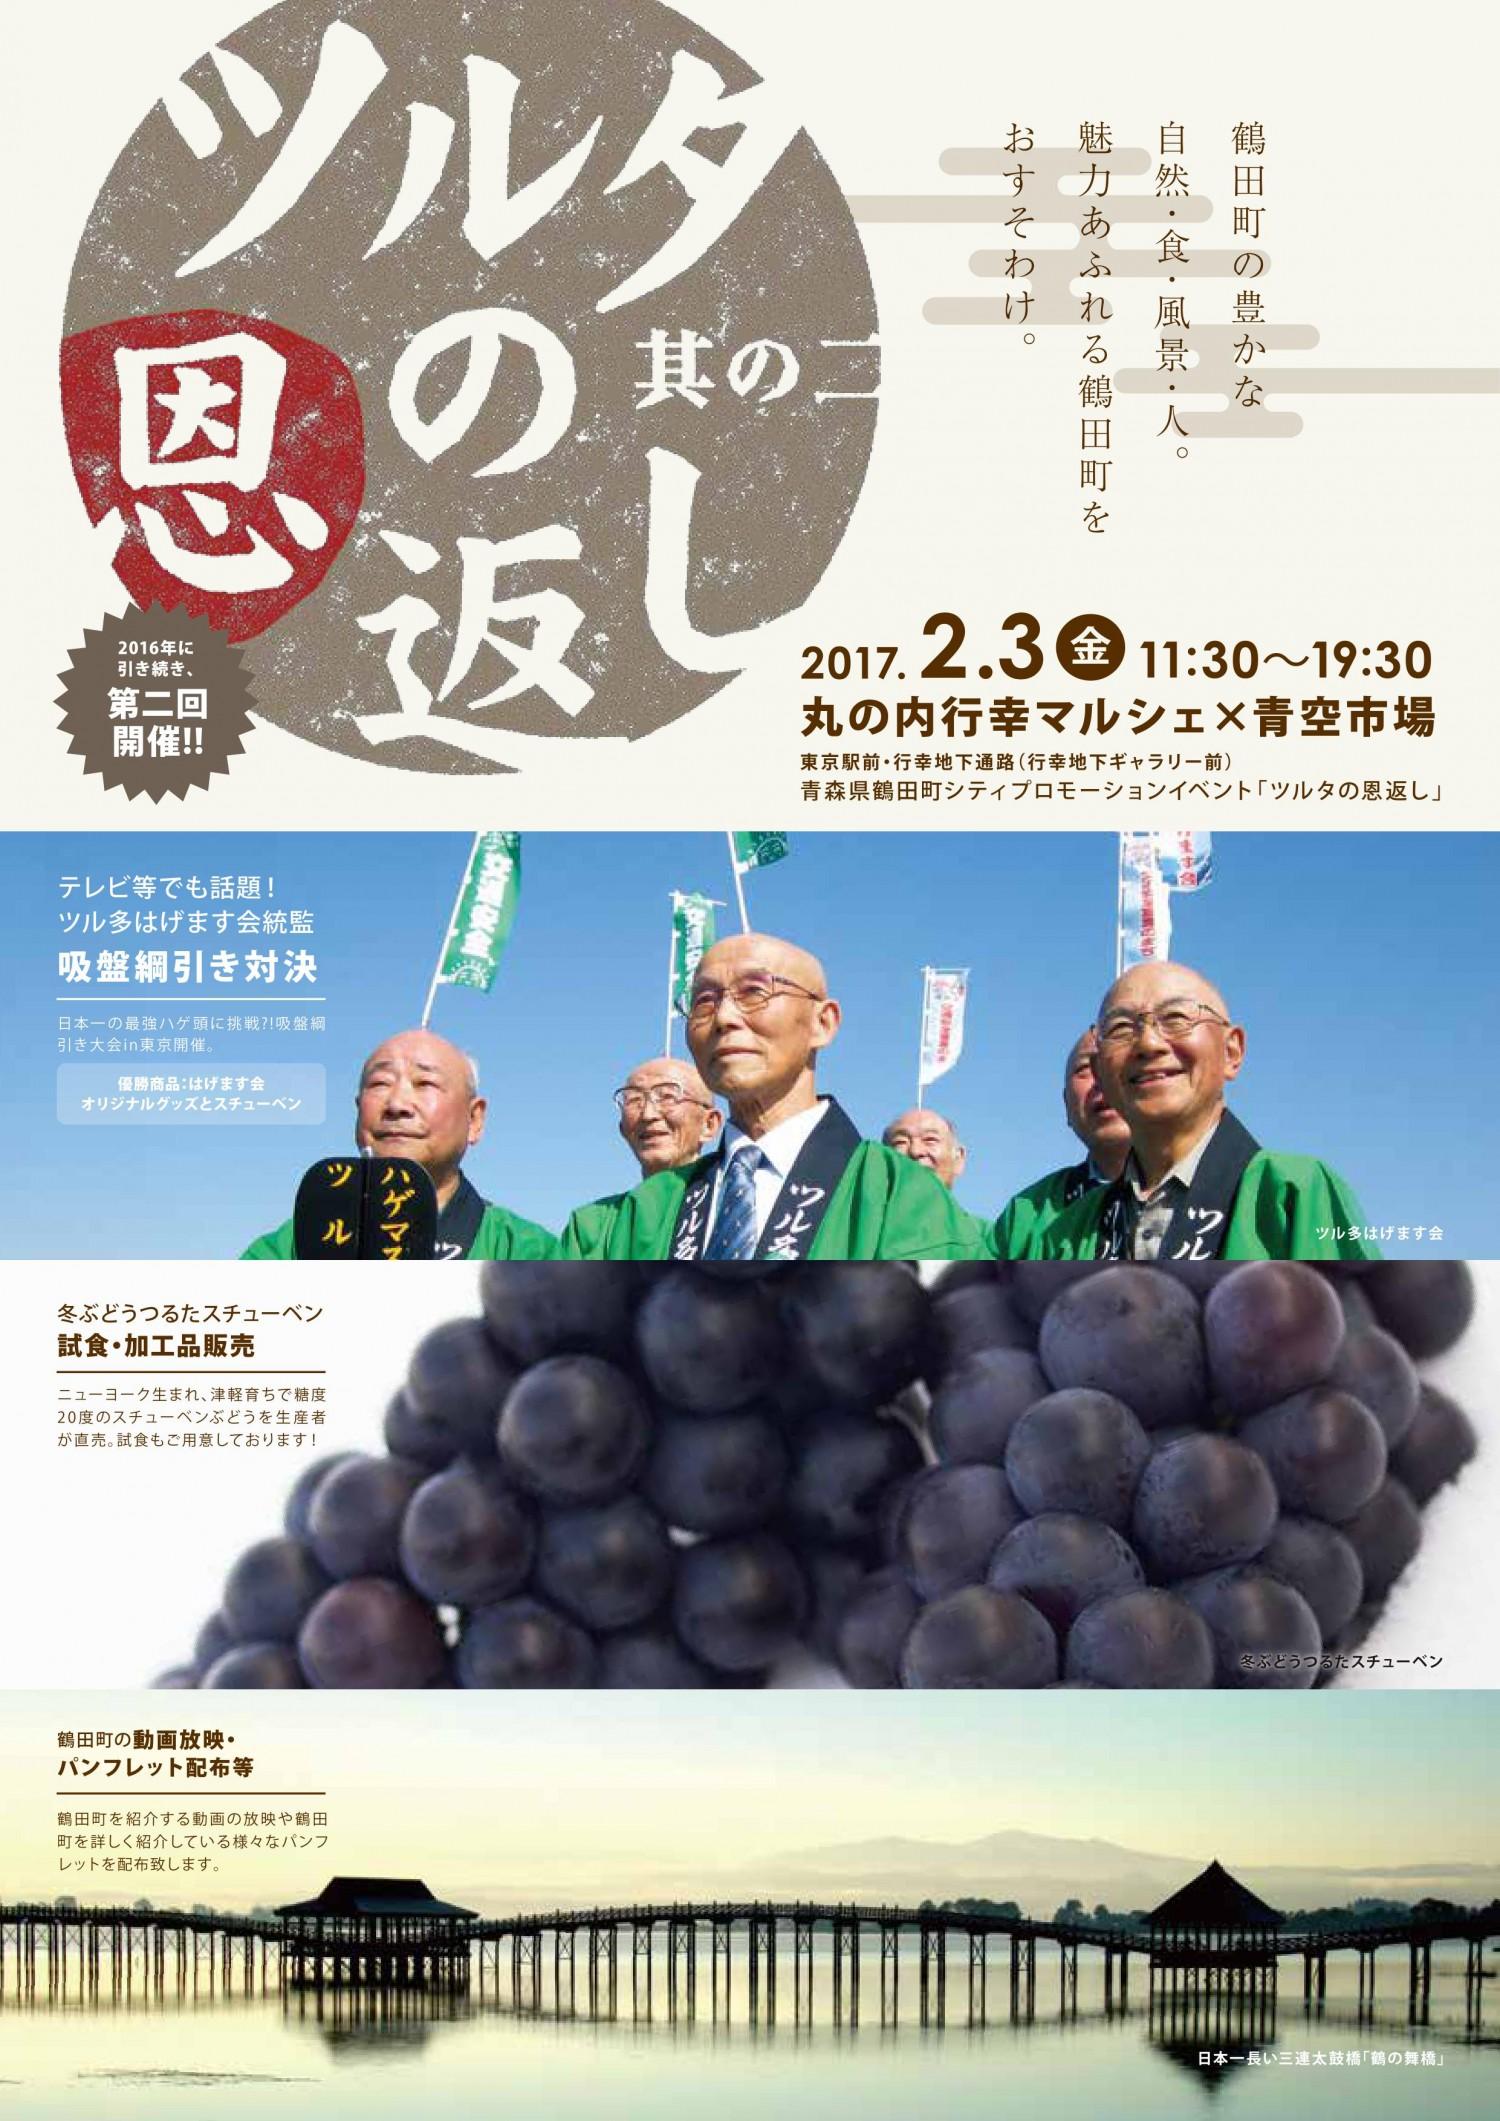 青森県鶴田町をPRするシティプロモーションイベント「ツルタの恩返し」